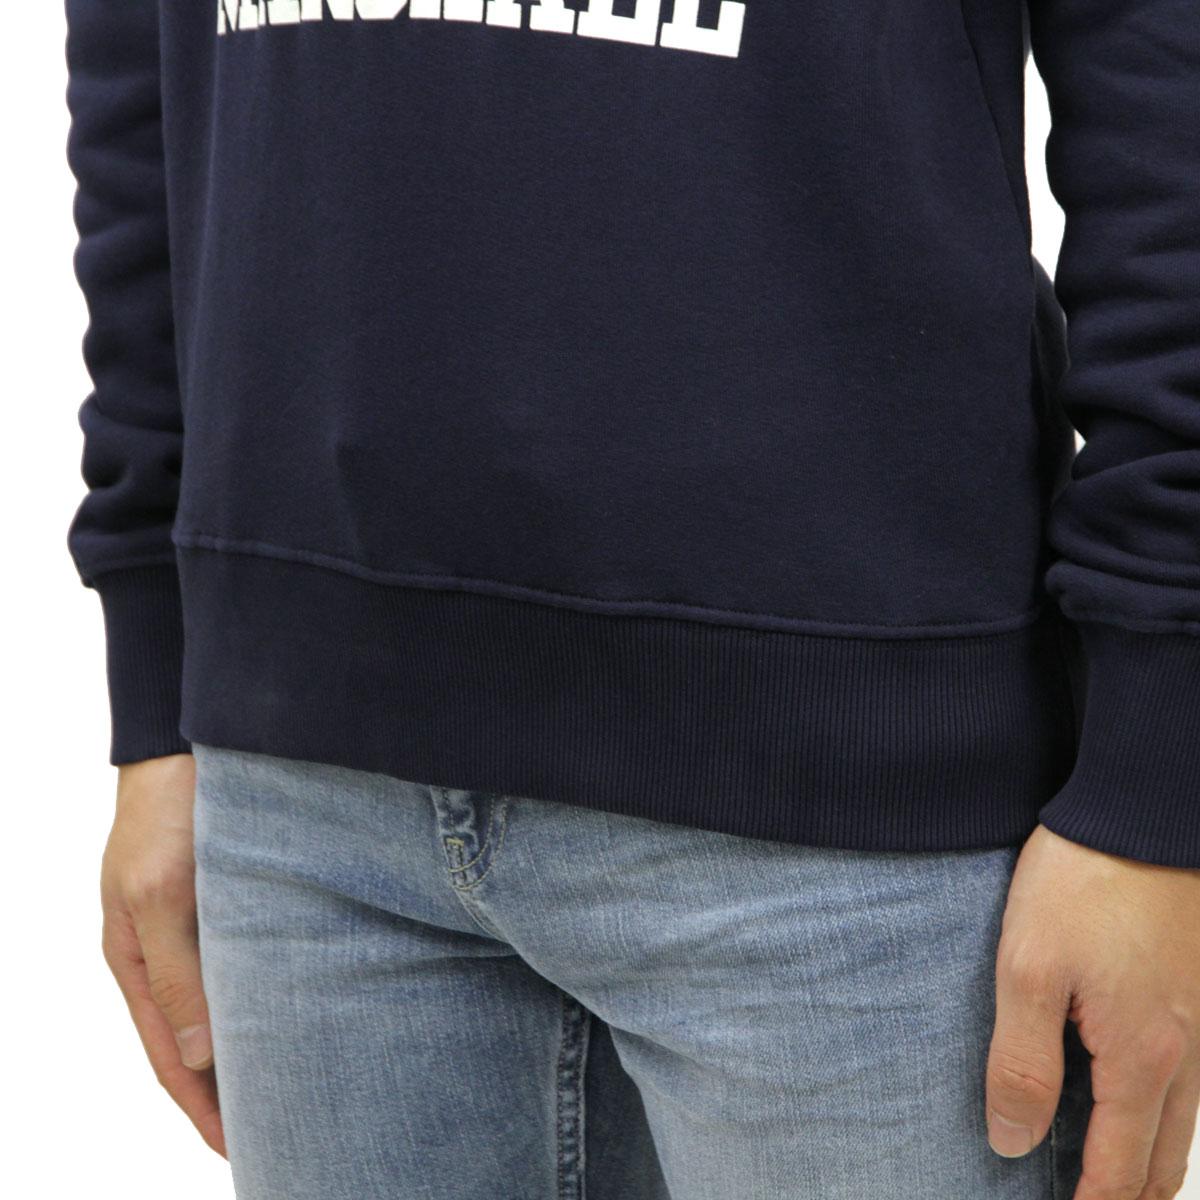 フランクリン マーシャル スウェット メンズ 正規販売店 FRANKLIN&MARSHALL トレーナー LOGO CREW NECK FLEECE 167 FLMF055AN 0167 A61B B1C C1D D5E E06F